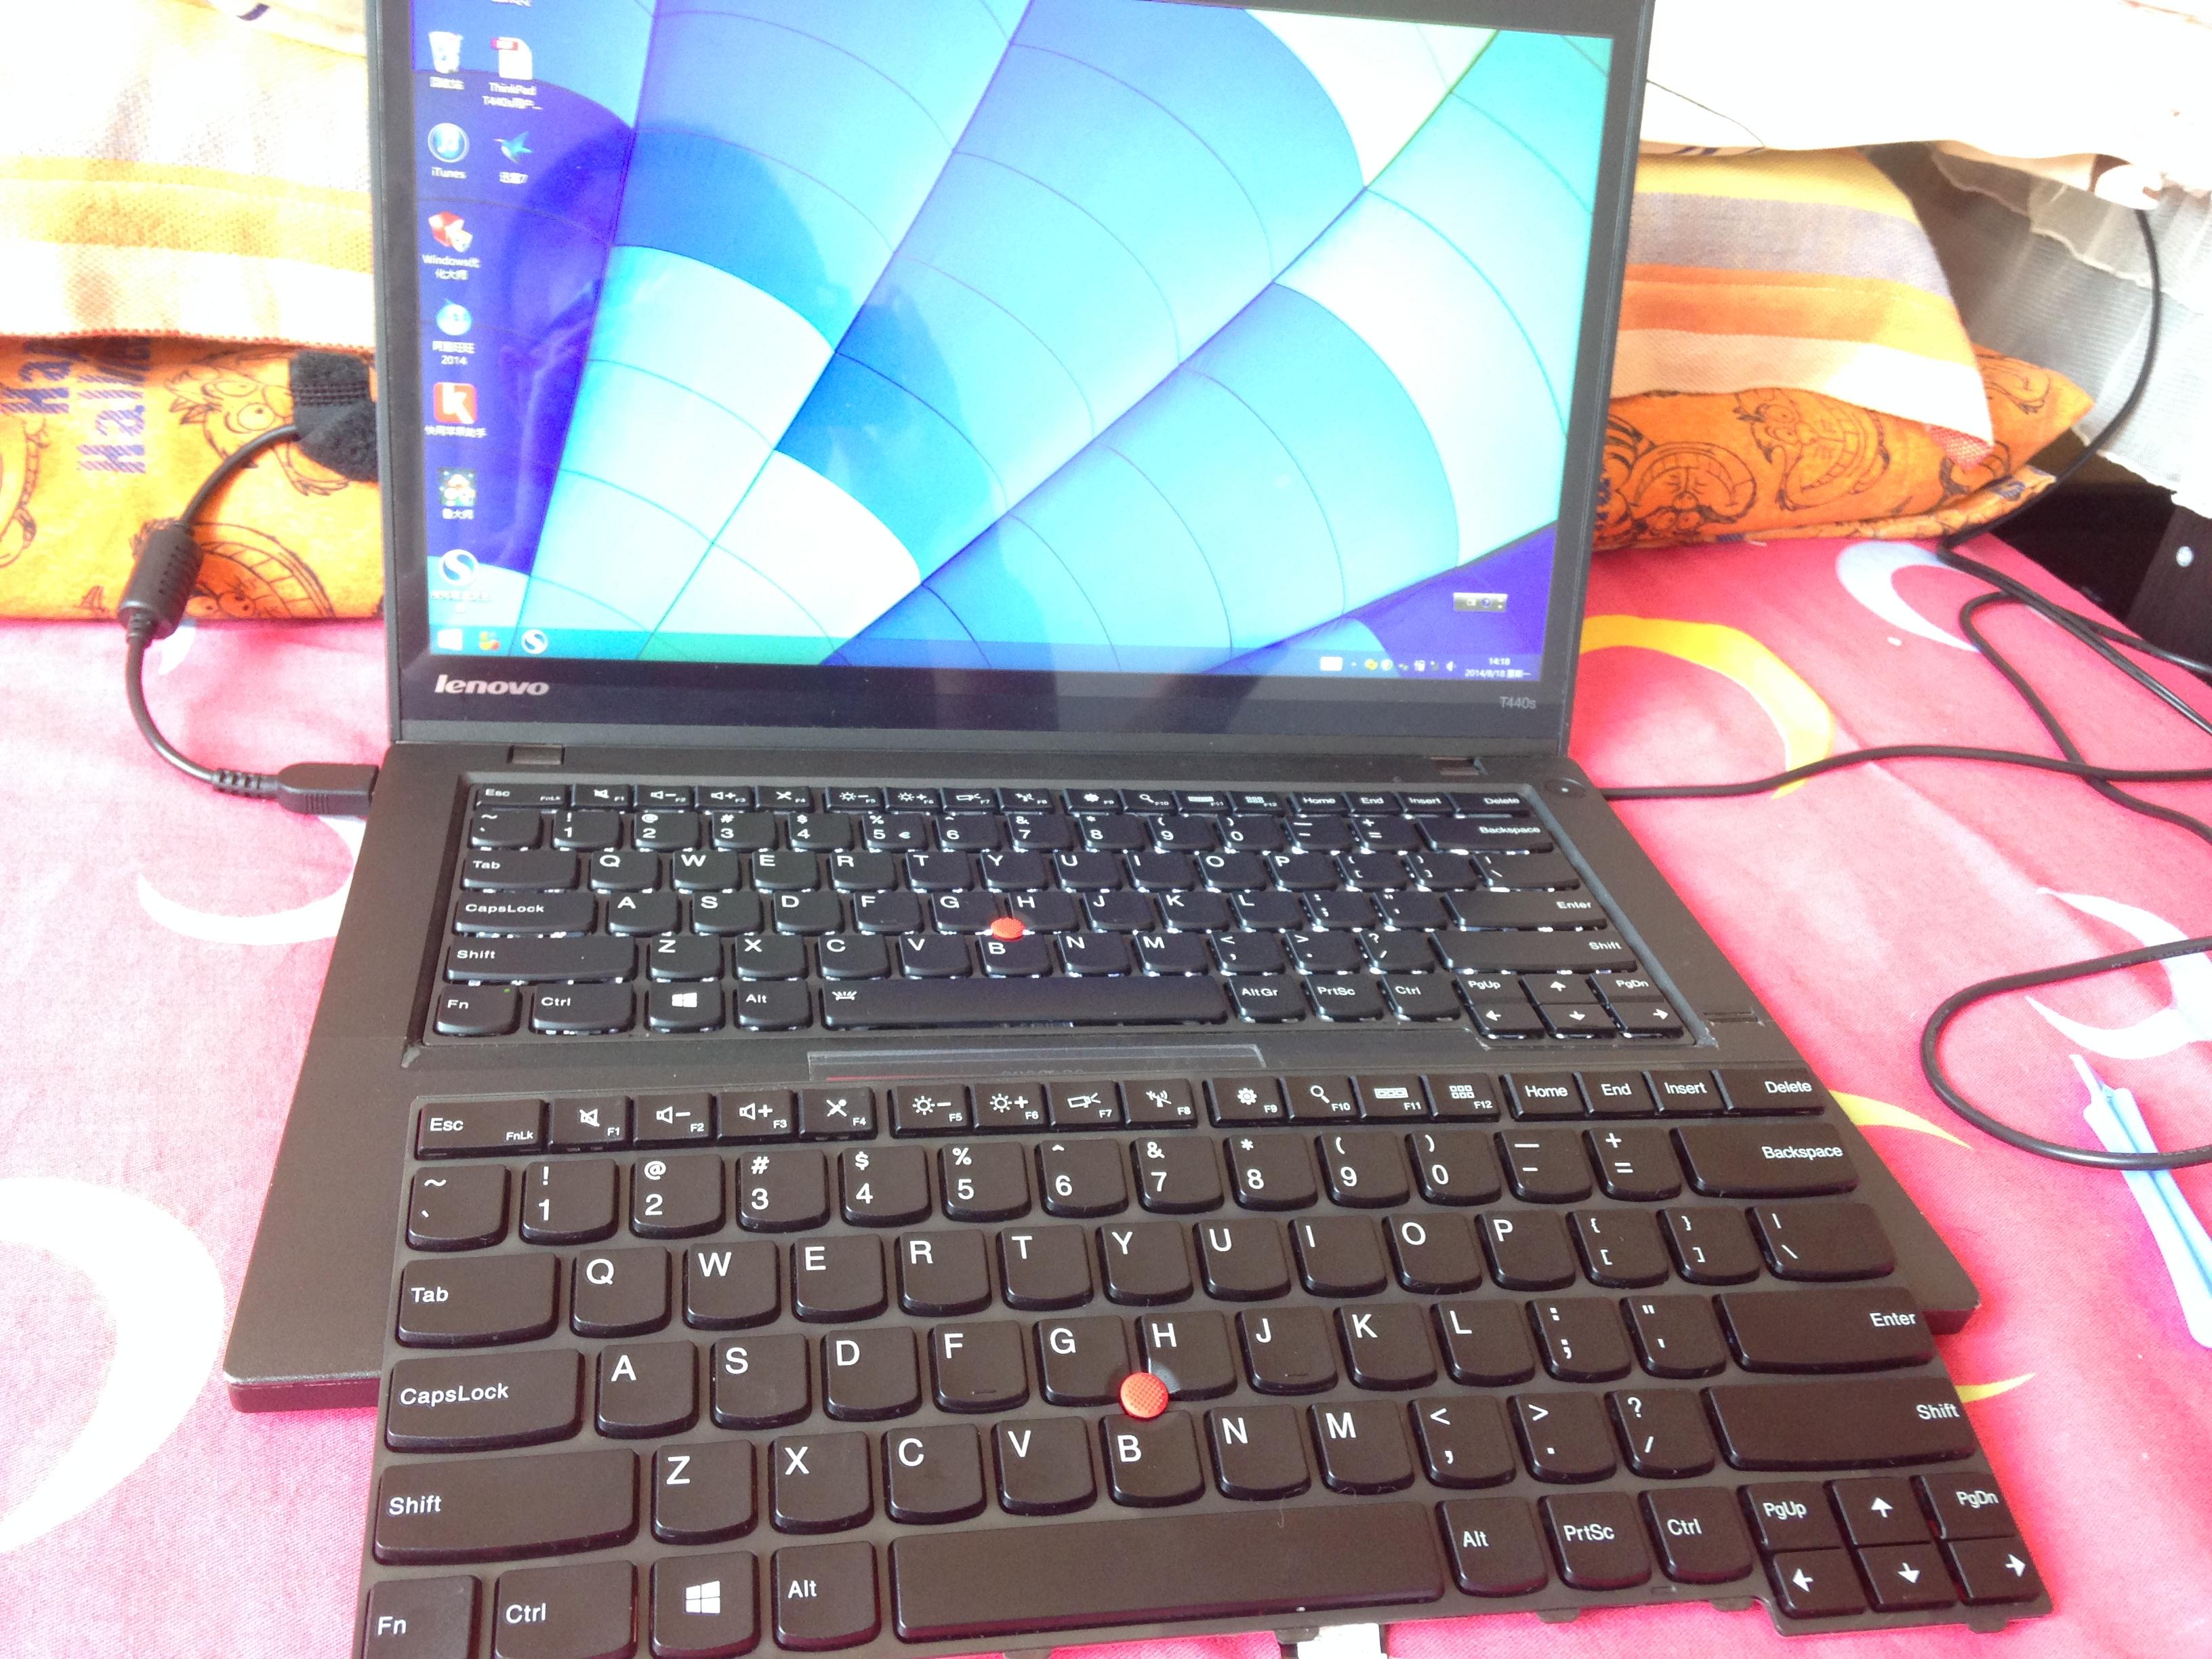 开机点亮键盘,下方为非背光键盘